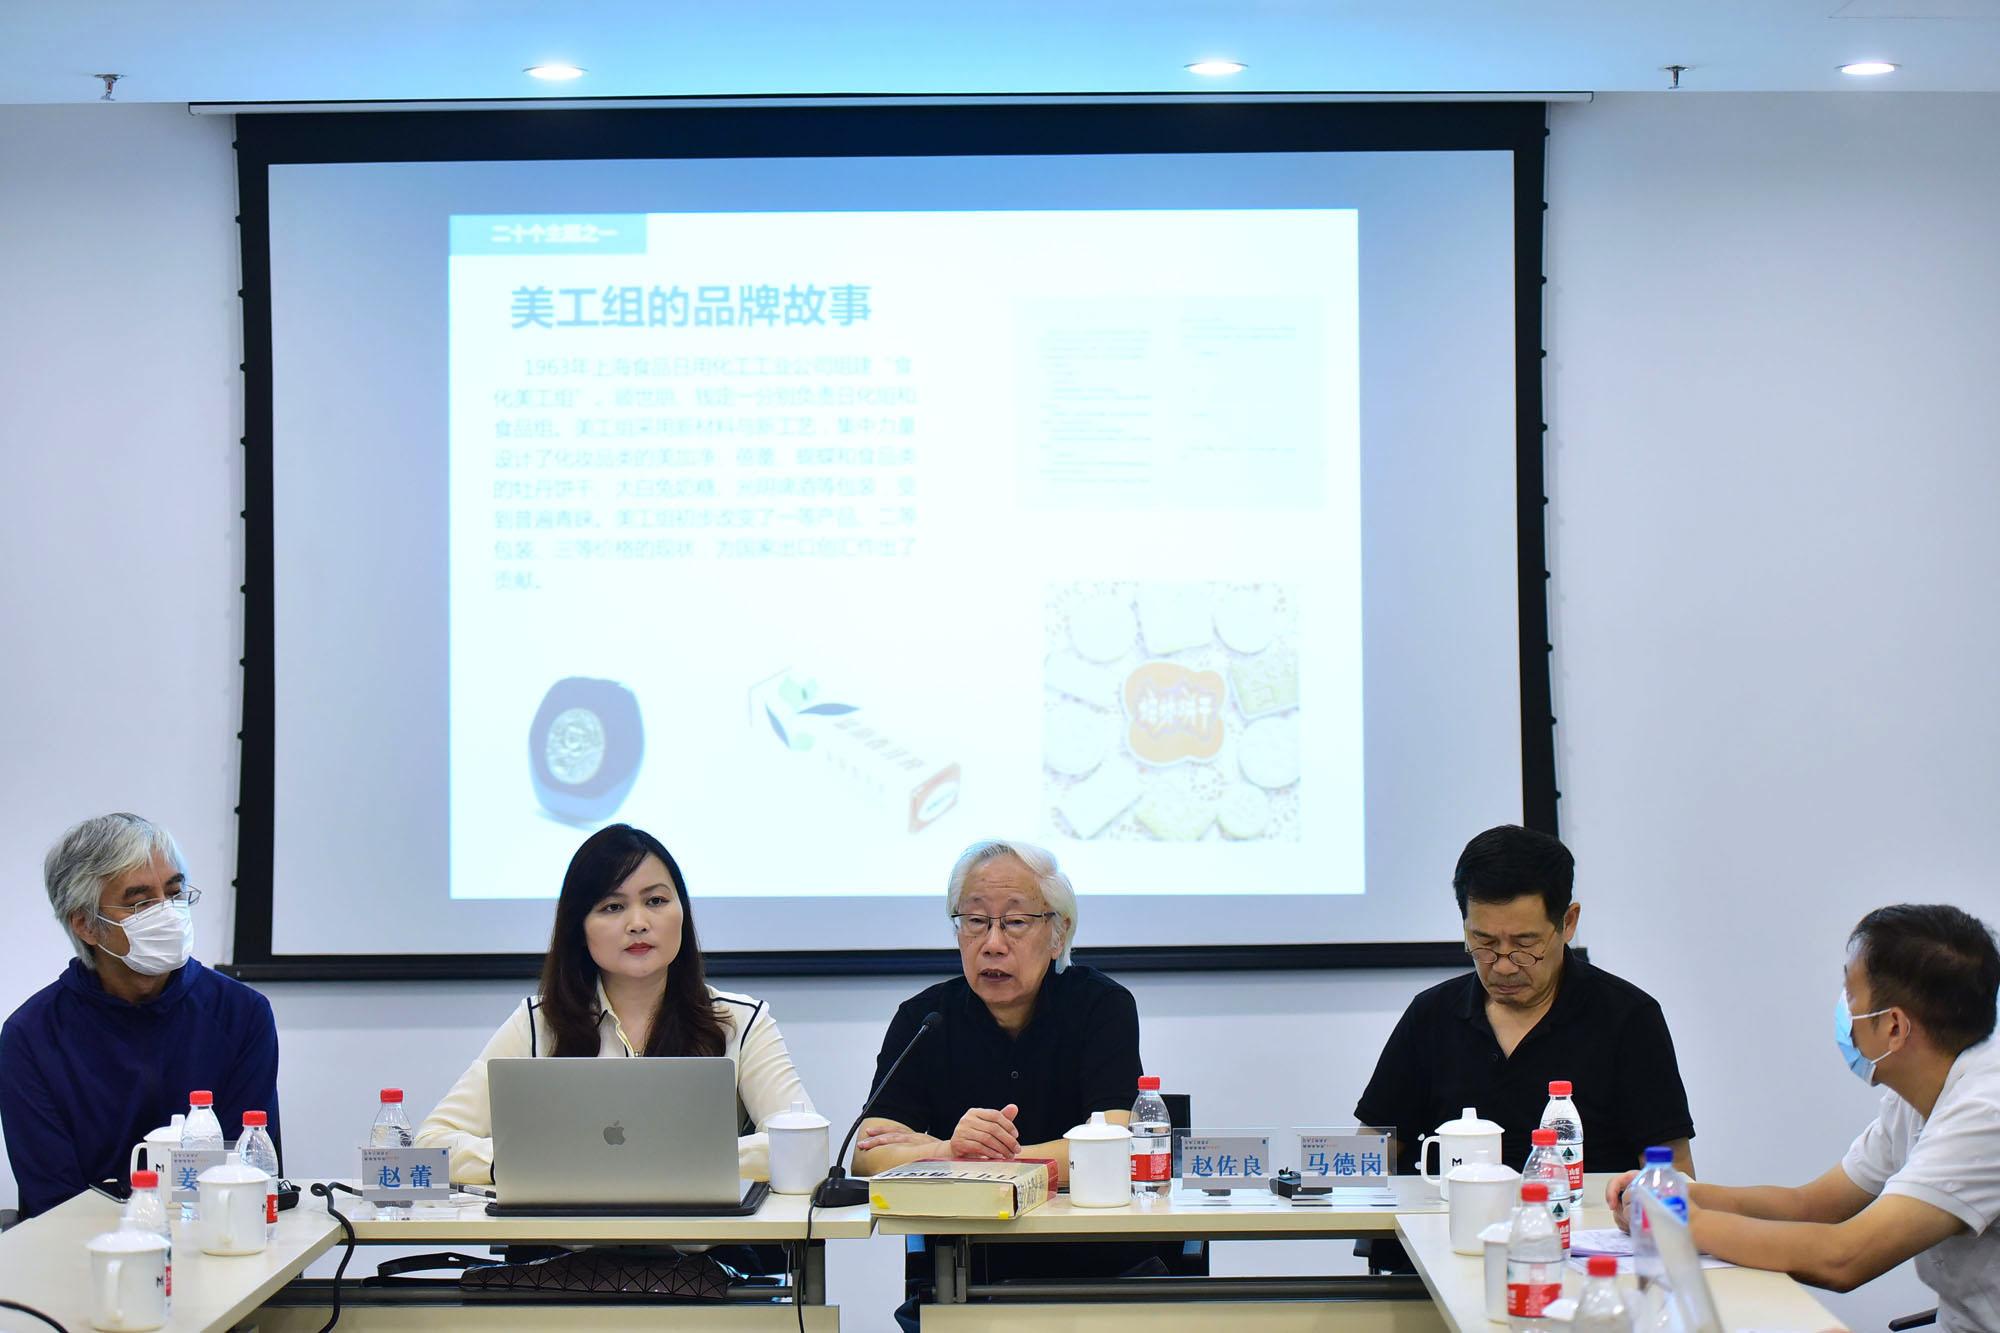 从左至右:姜庆共、赵蕾、赵佐良、马德岗